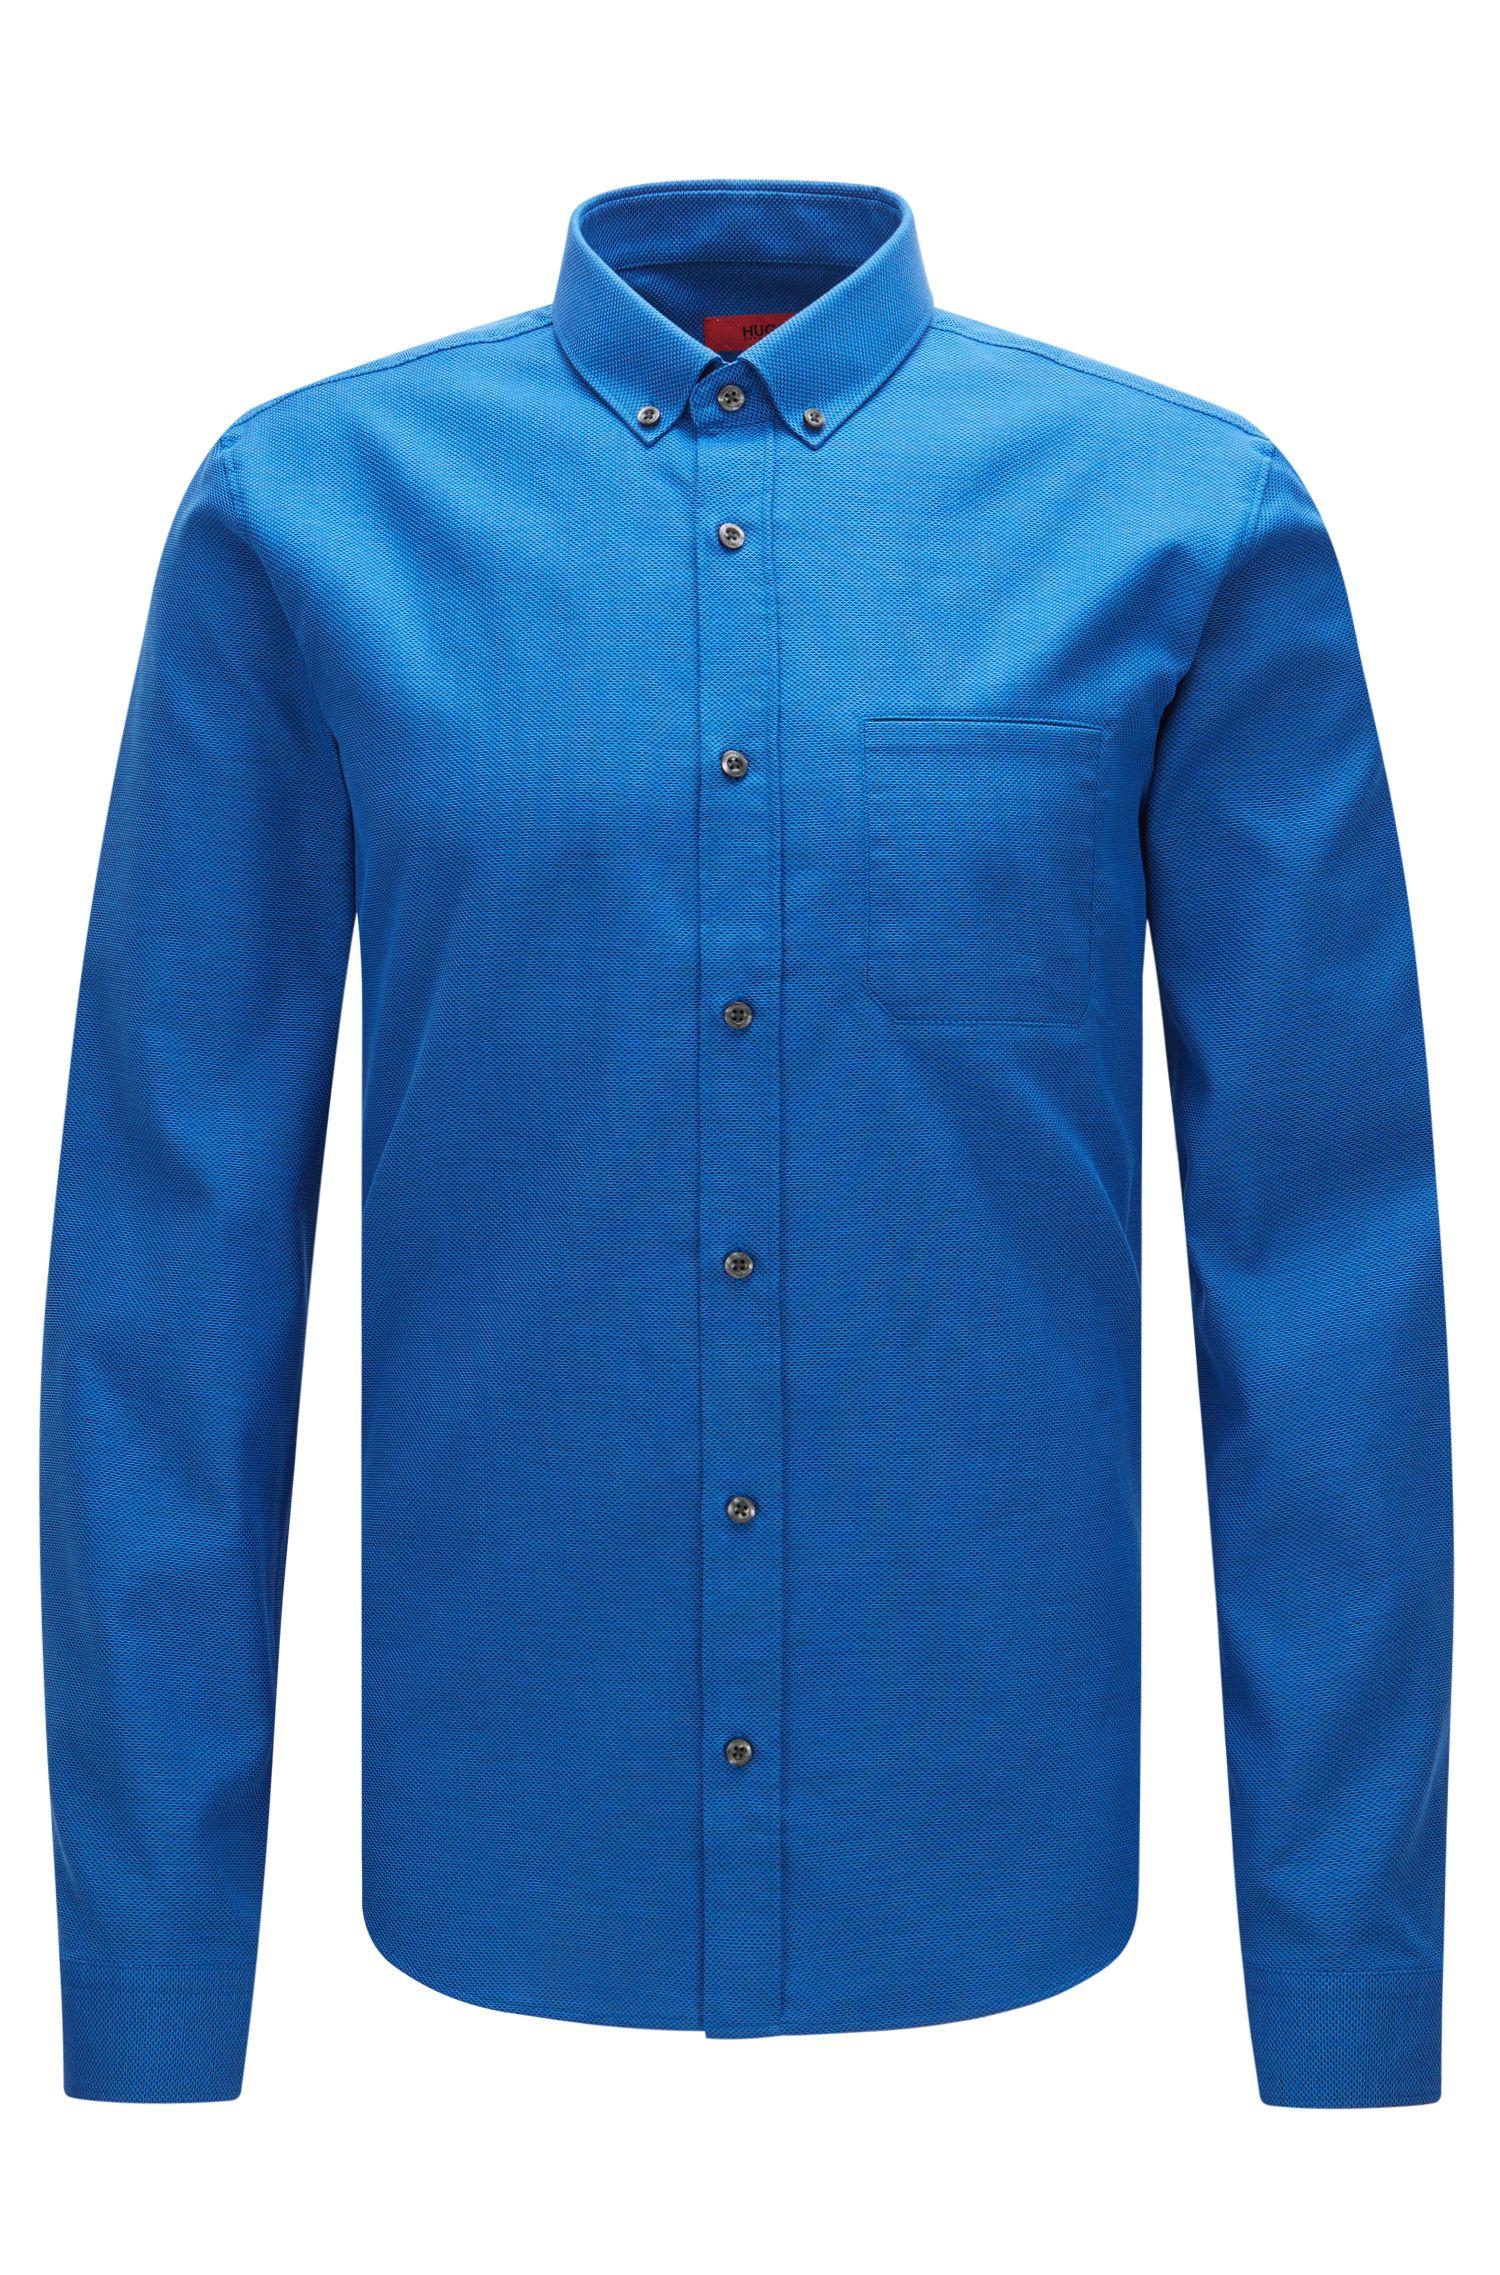 'Enico'   Slim Fit, Cotton Button Down Shirt